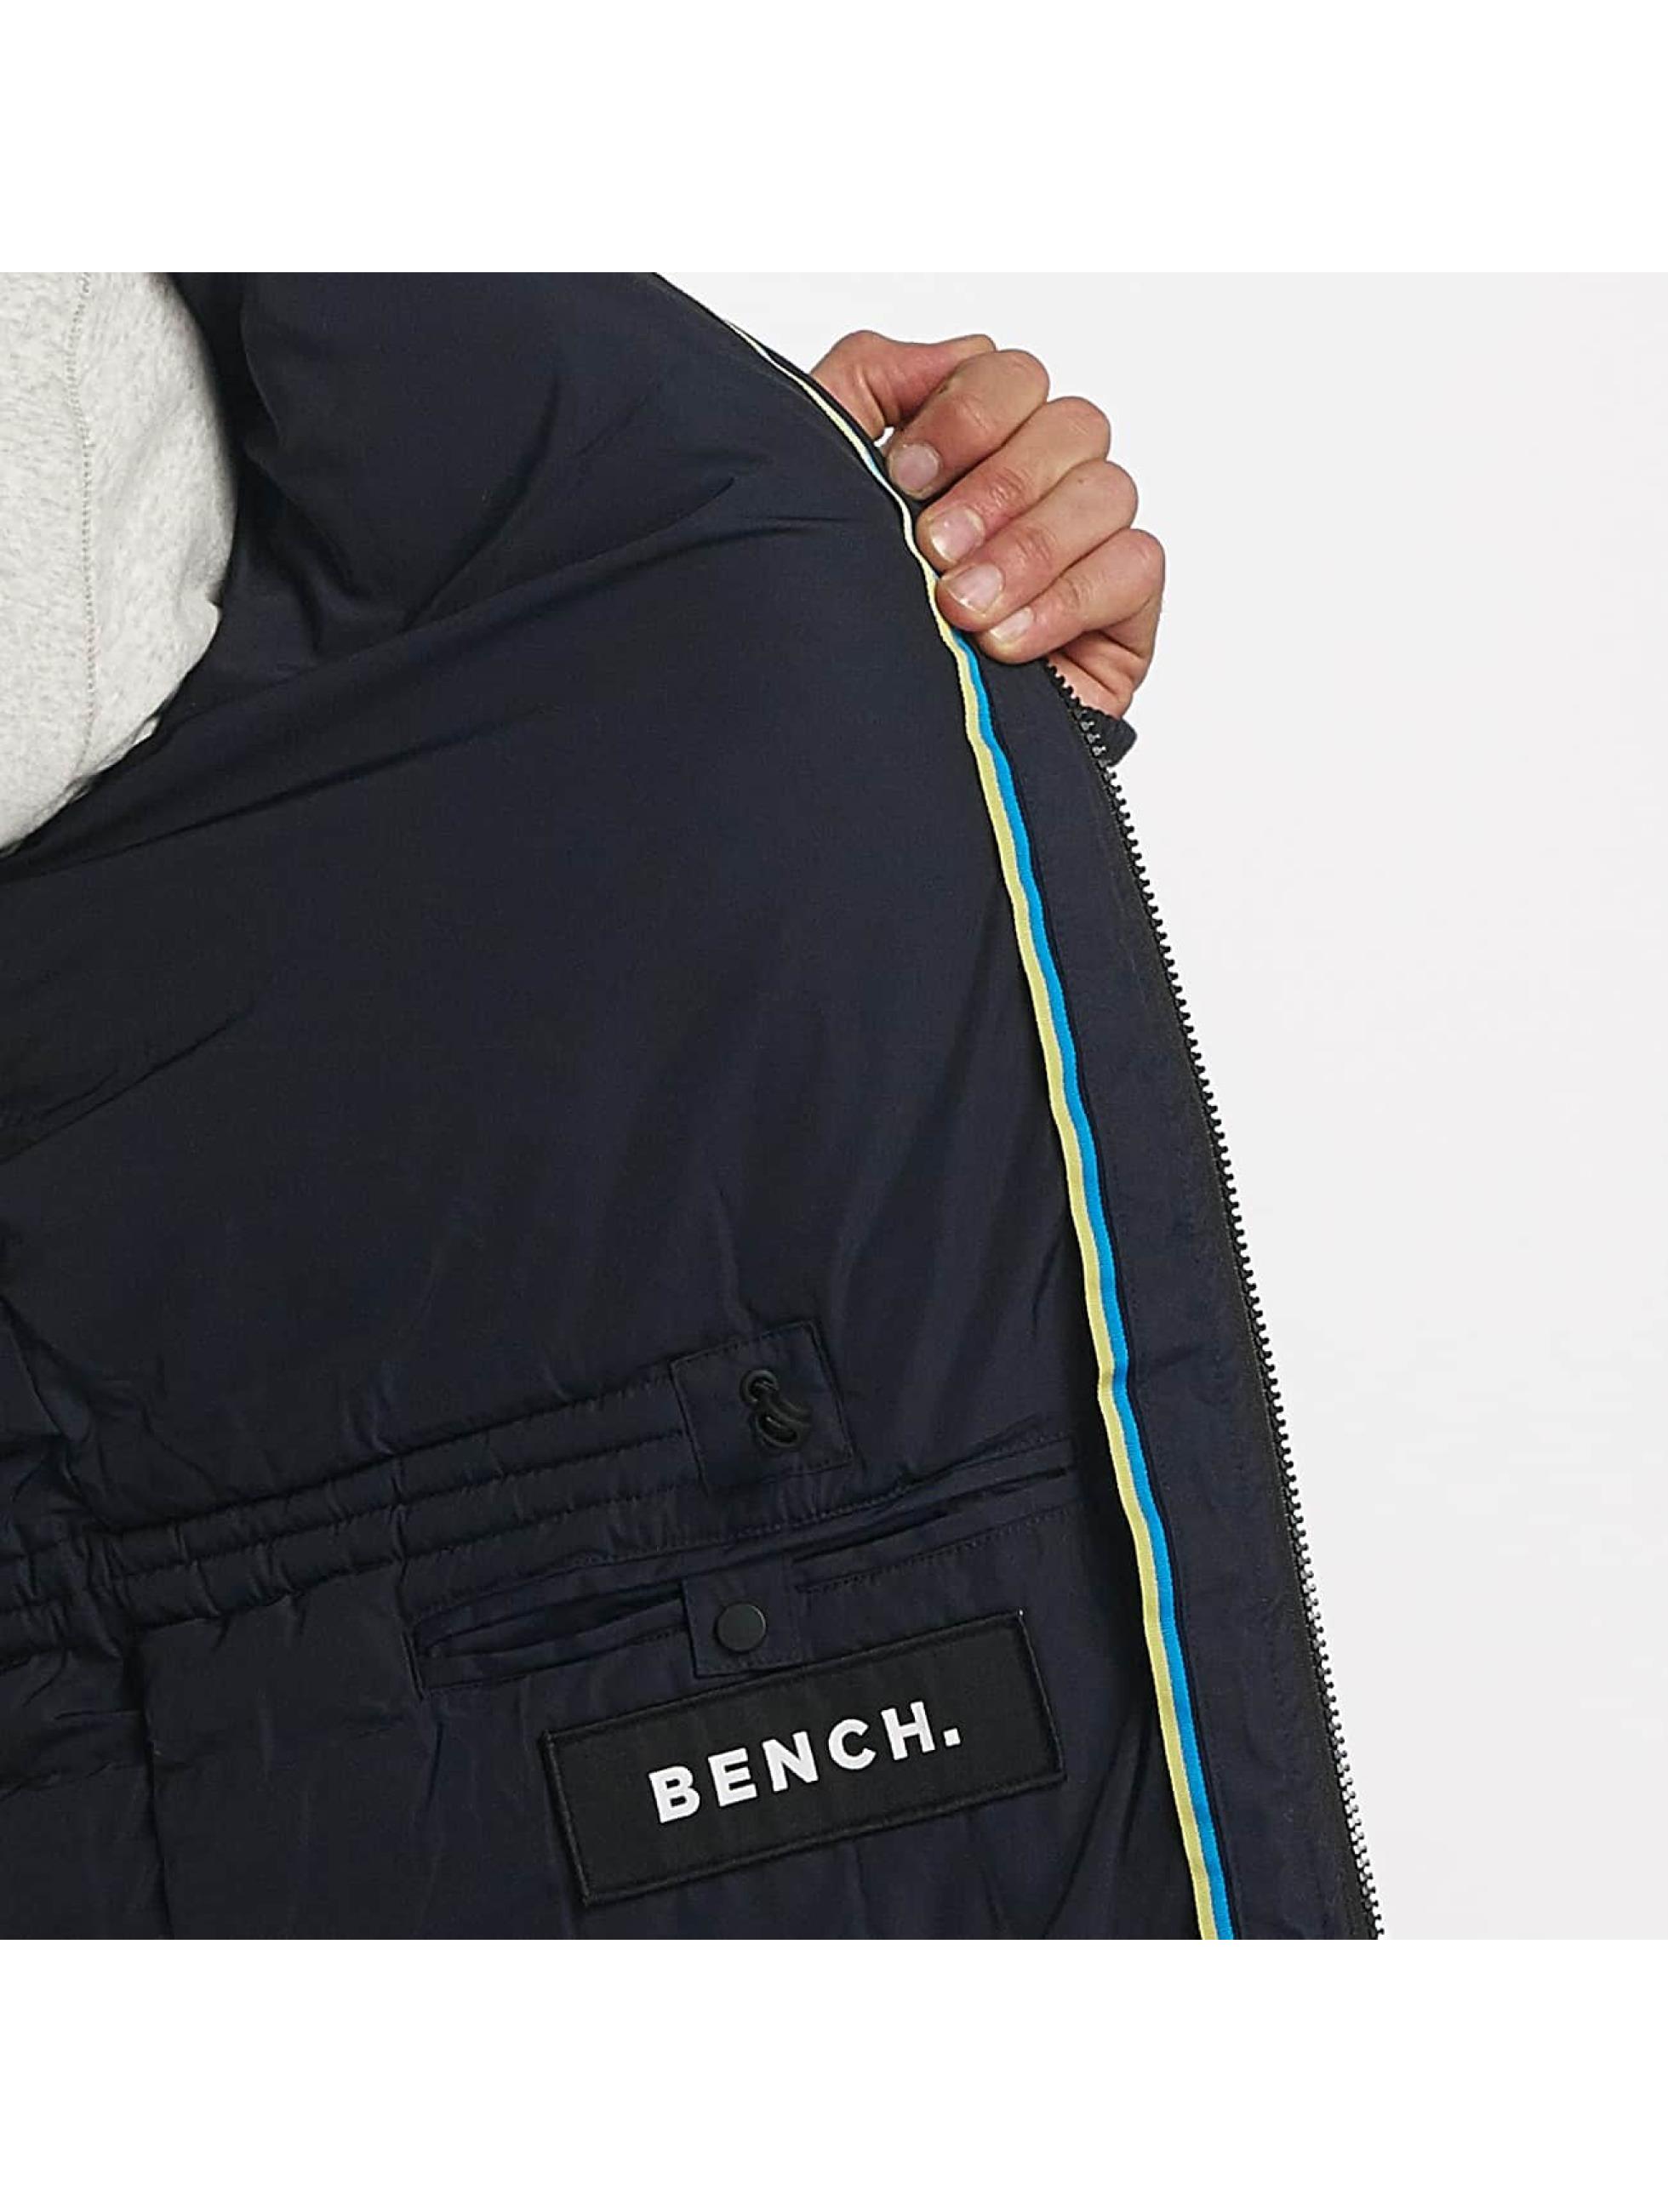 Bench Vinterjackor BLMK001056 blå